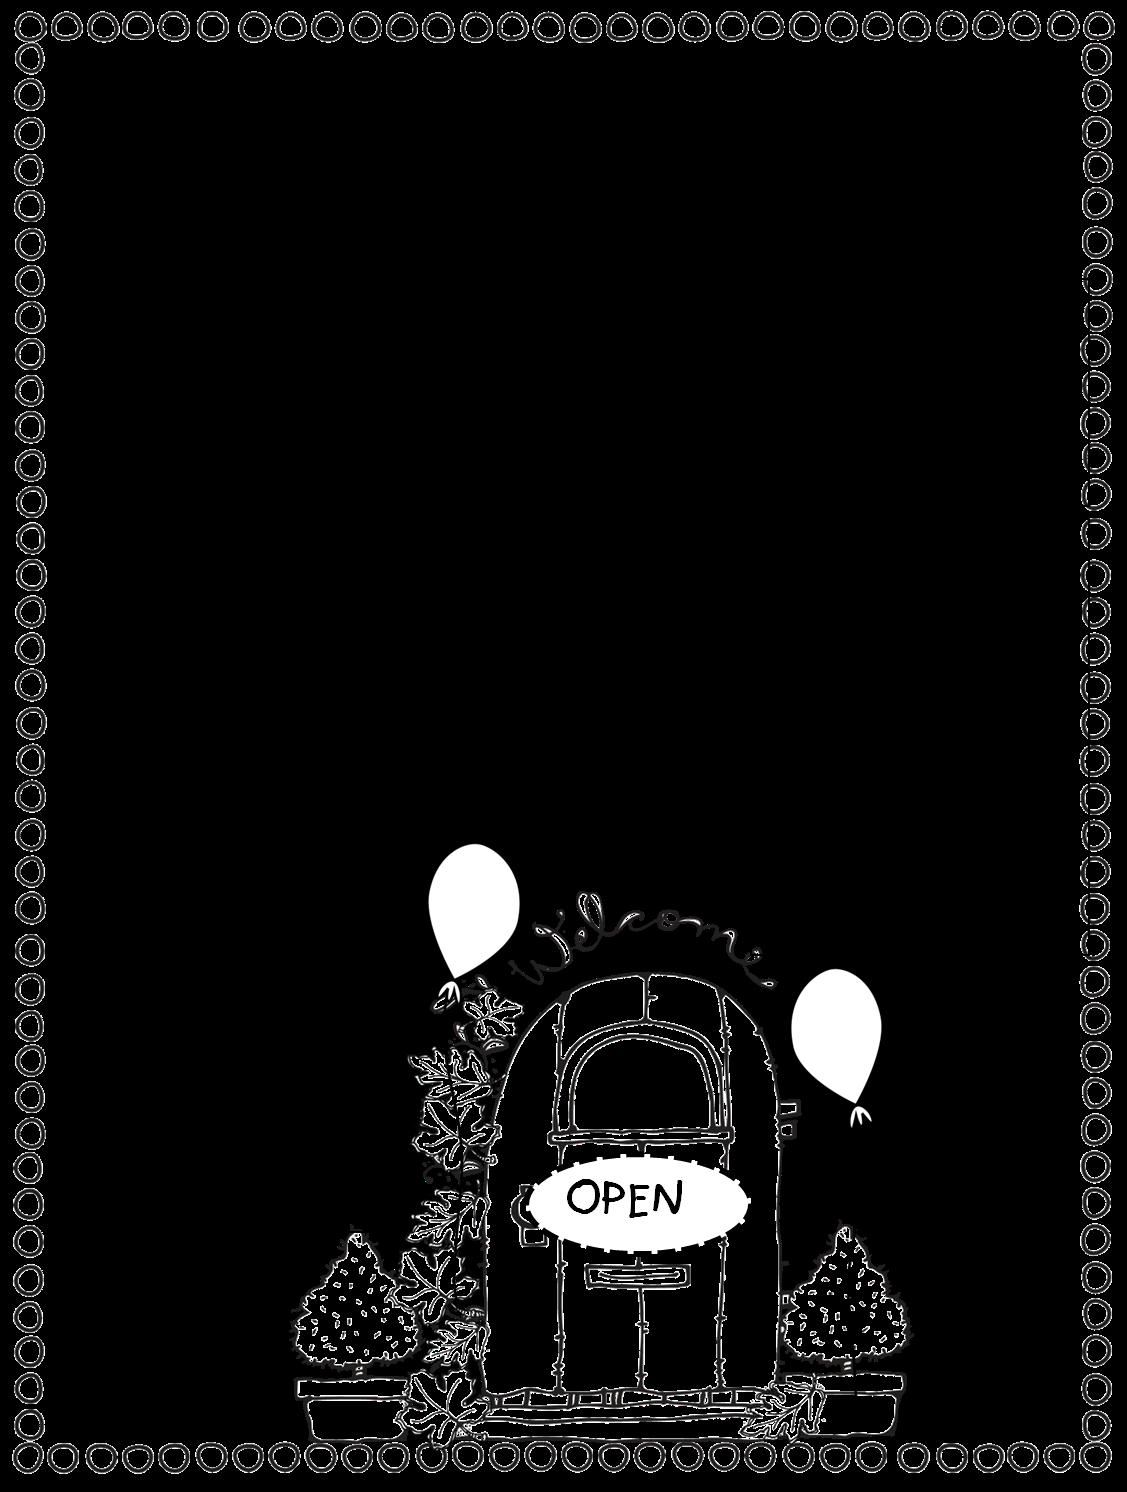 Open Door Words Recording Sheet 1 127 1 492 Pixels